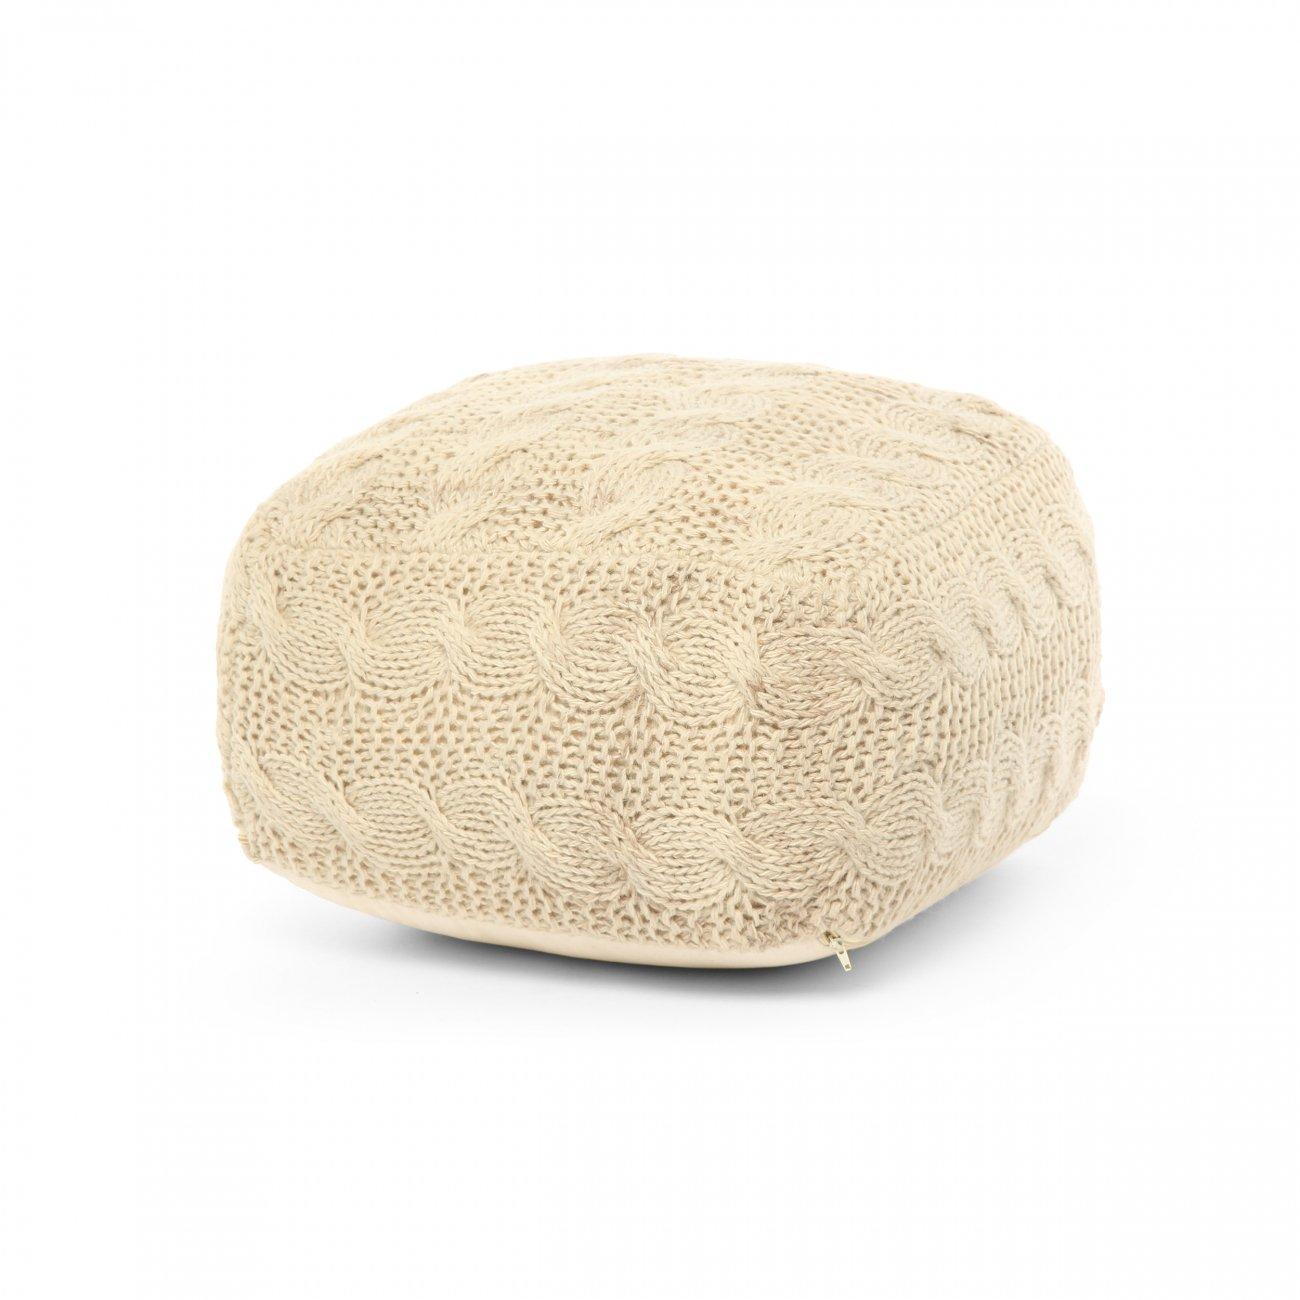 Купить Пуф Oslo слоновая кость в интернет магазине дизайнерской мебели и аксессуаров для дома и дачи